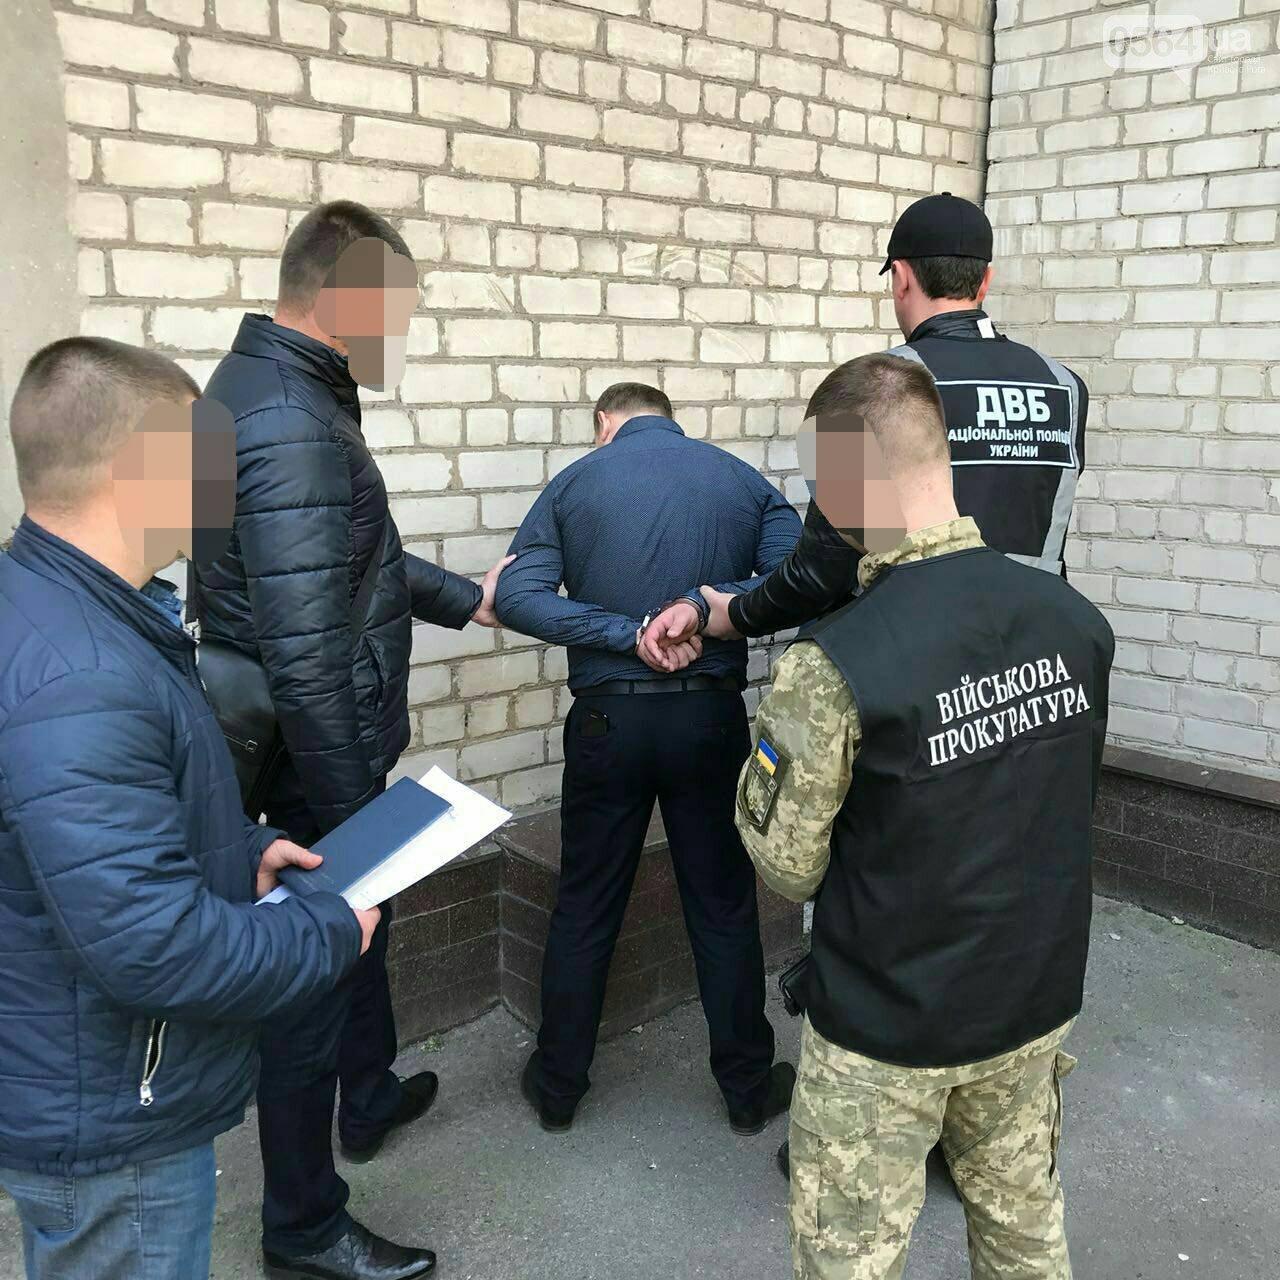 В Кривом Роге: в ДТП погиб мужчина, 2 полицейских попались на взятке, инициировали недоверие к руководству РГА и райсовета , фото-1